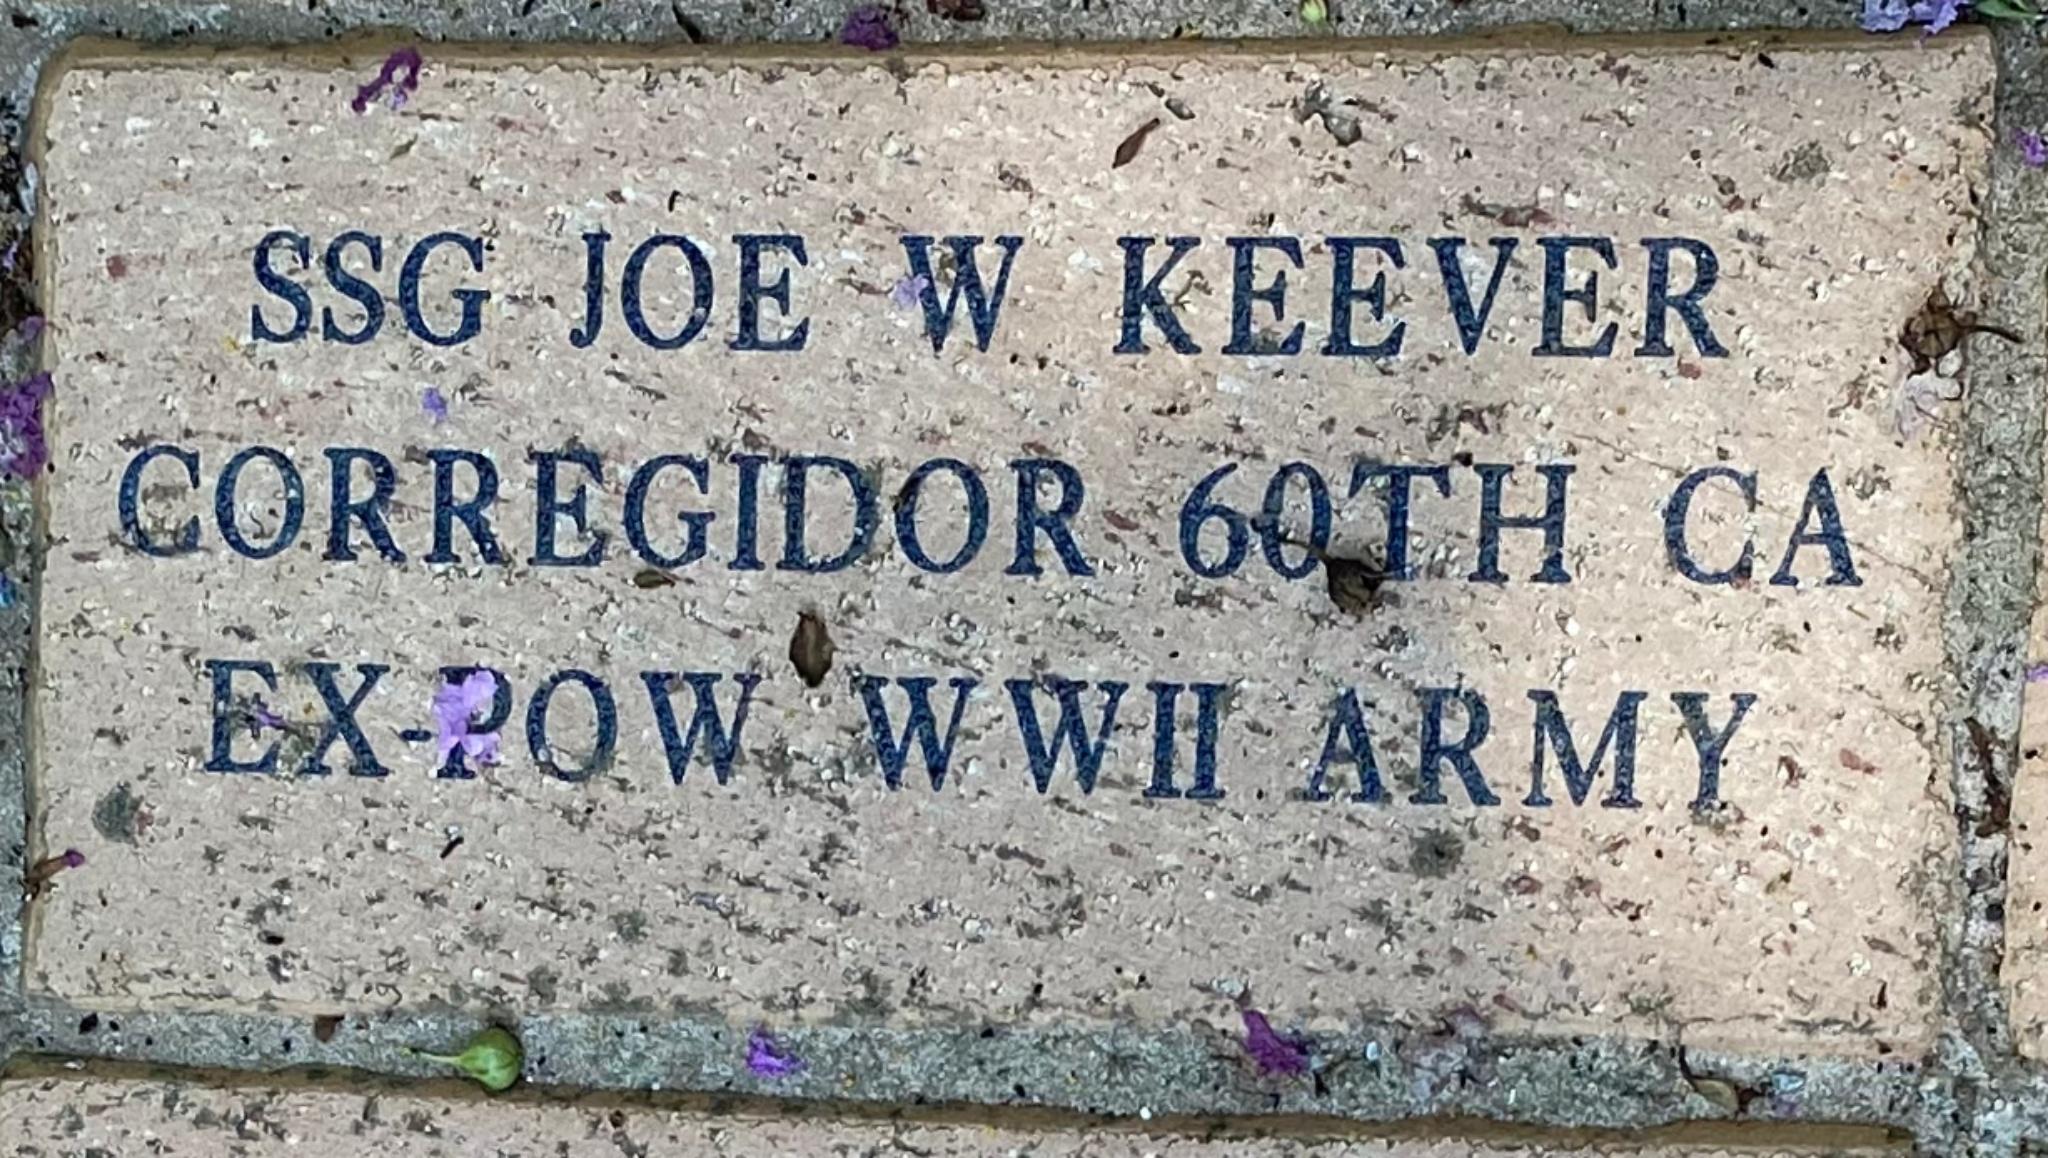 SSG JOE W KEEVER CORREGIDOR 60th CA EX-POW WWII ARMY